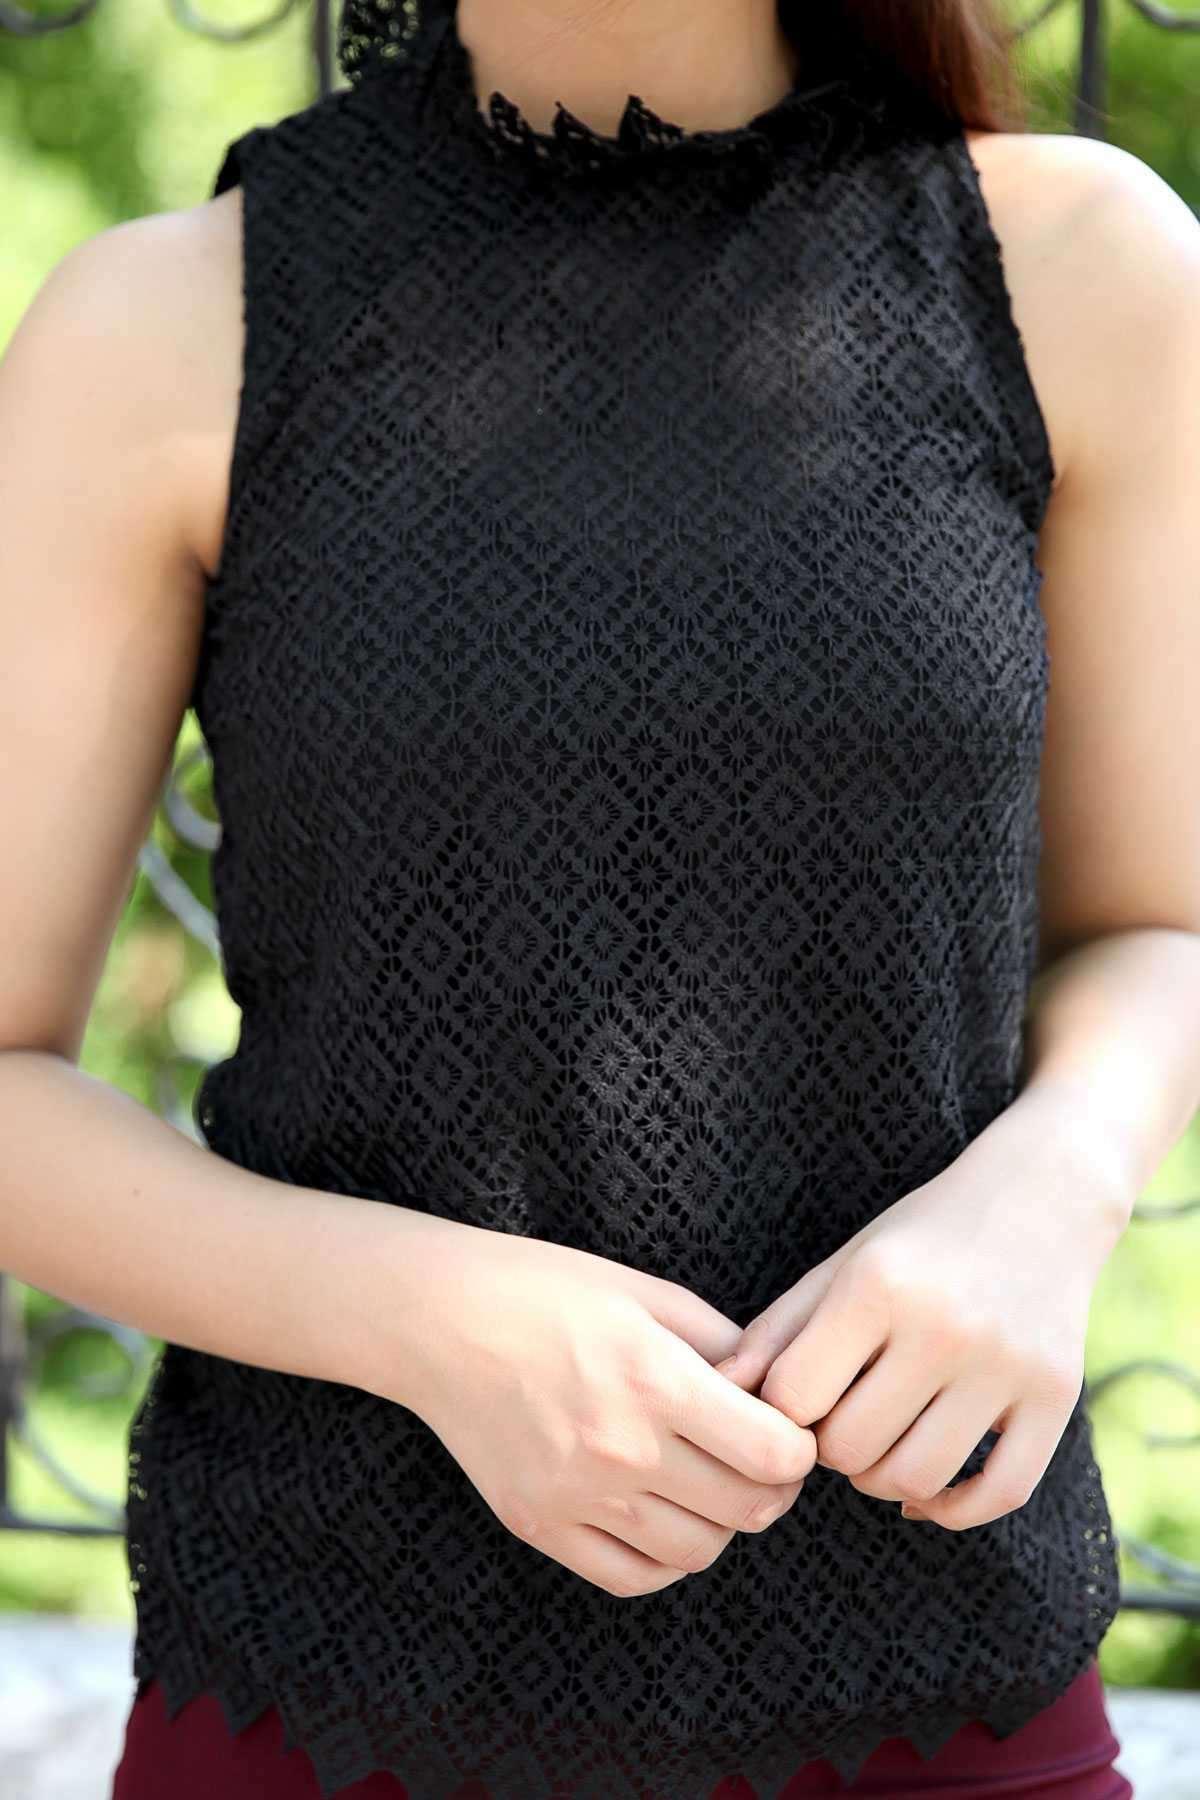 Dantel İşleme Desenli İçi Astarlı Kolsuz Bluz Siyah